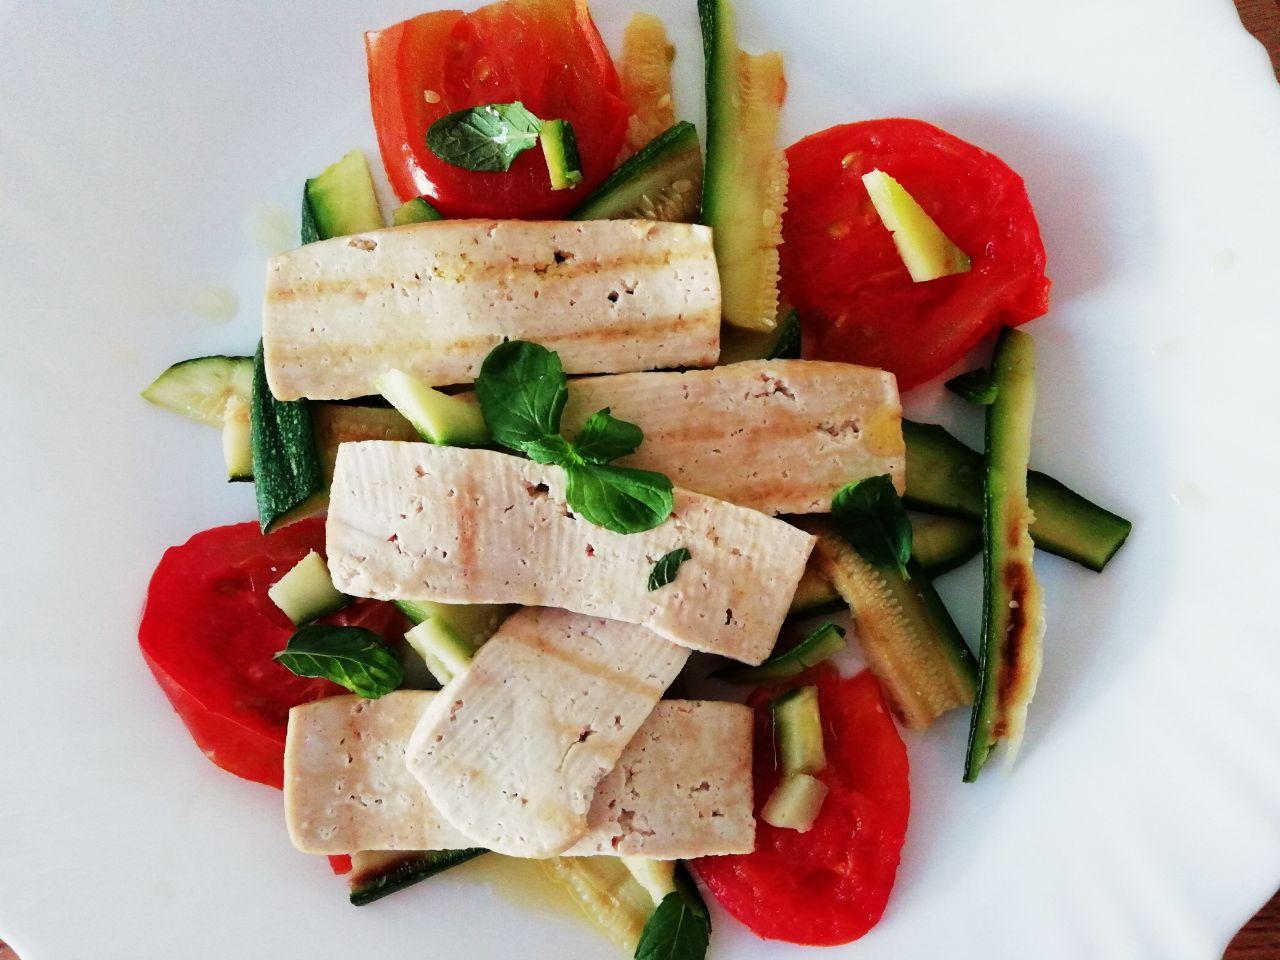 Piatti unici leggeri e senza glutine: verdure e tofu alla griglia!